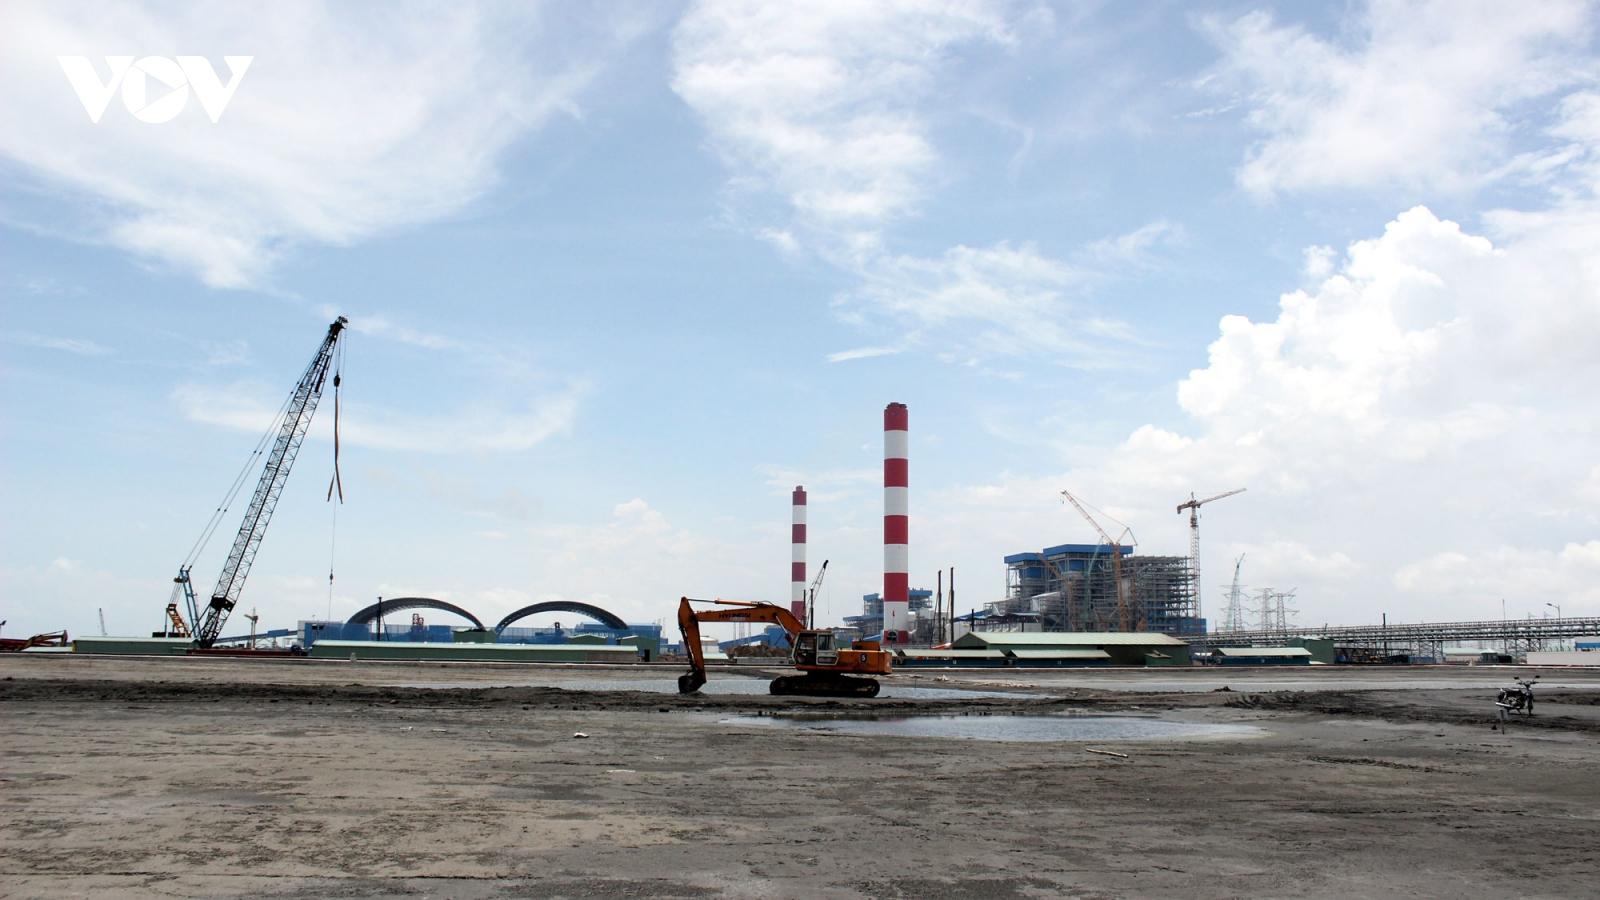 Hạn chế tối đa phát triển thêm nhà máy nhiệt điện than mới